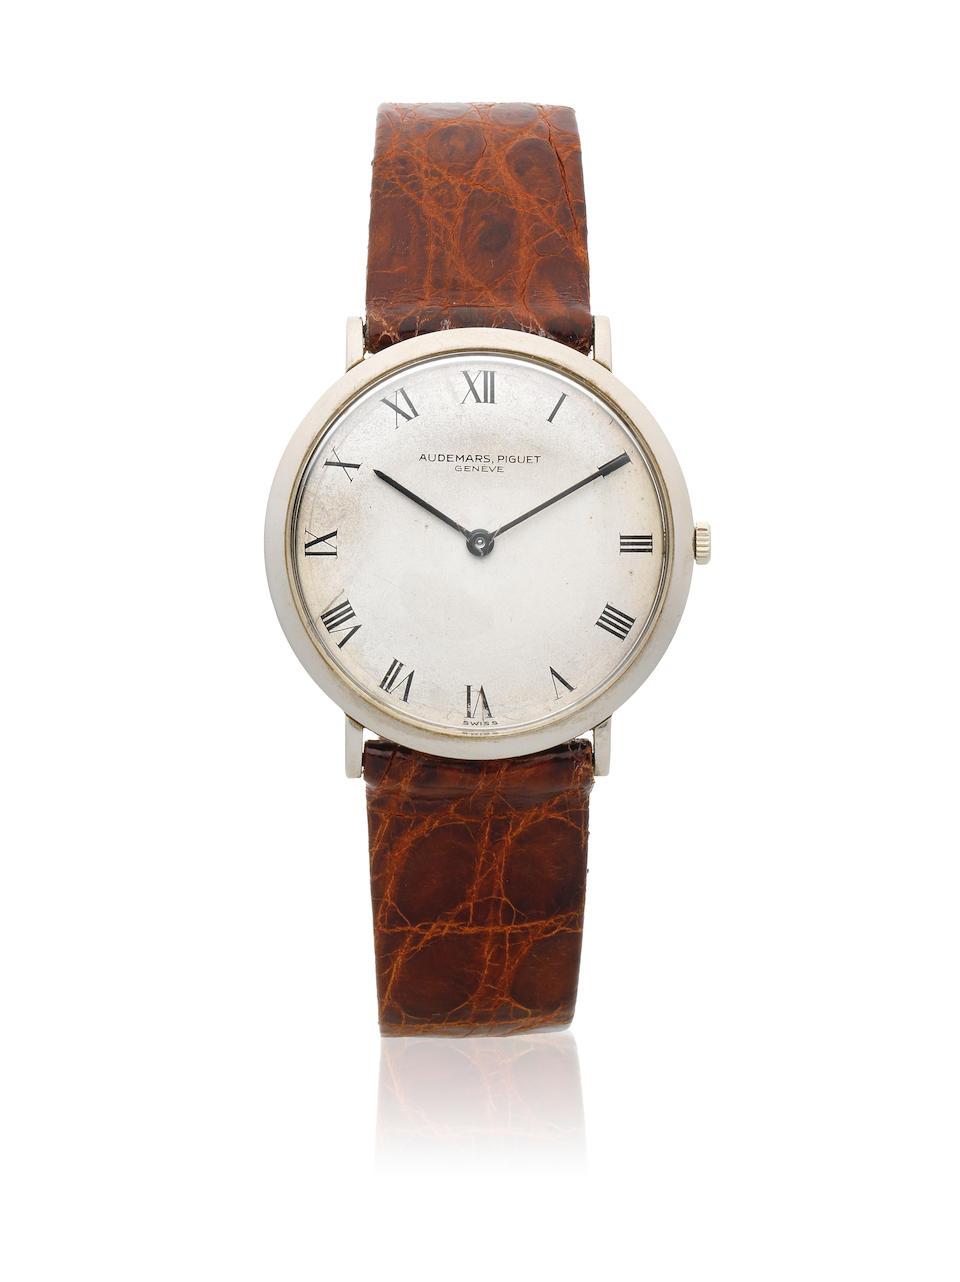 Audemars Piguet. An 18K white gold manual wind wristwatch Circa 1960